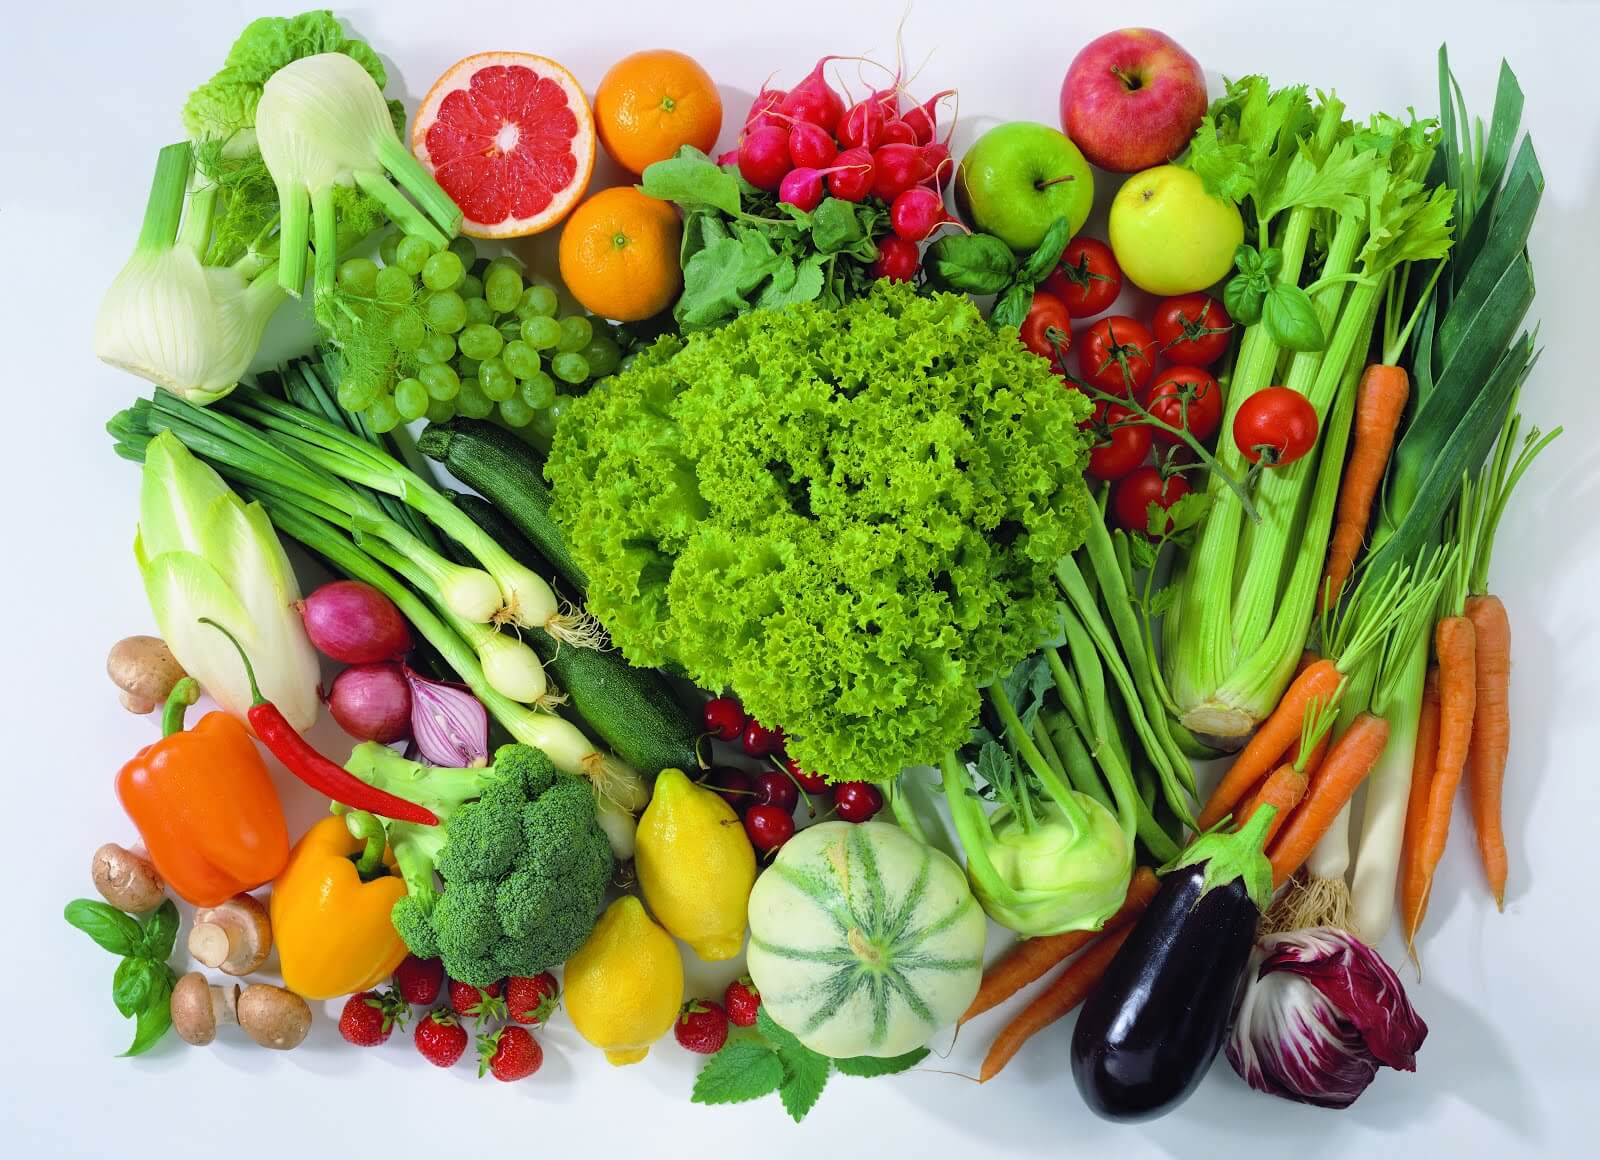 7 fruits et légumes anticancérigènes que vous devriez consommer régulièrement